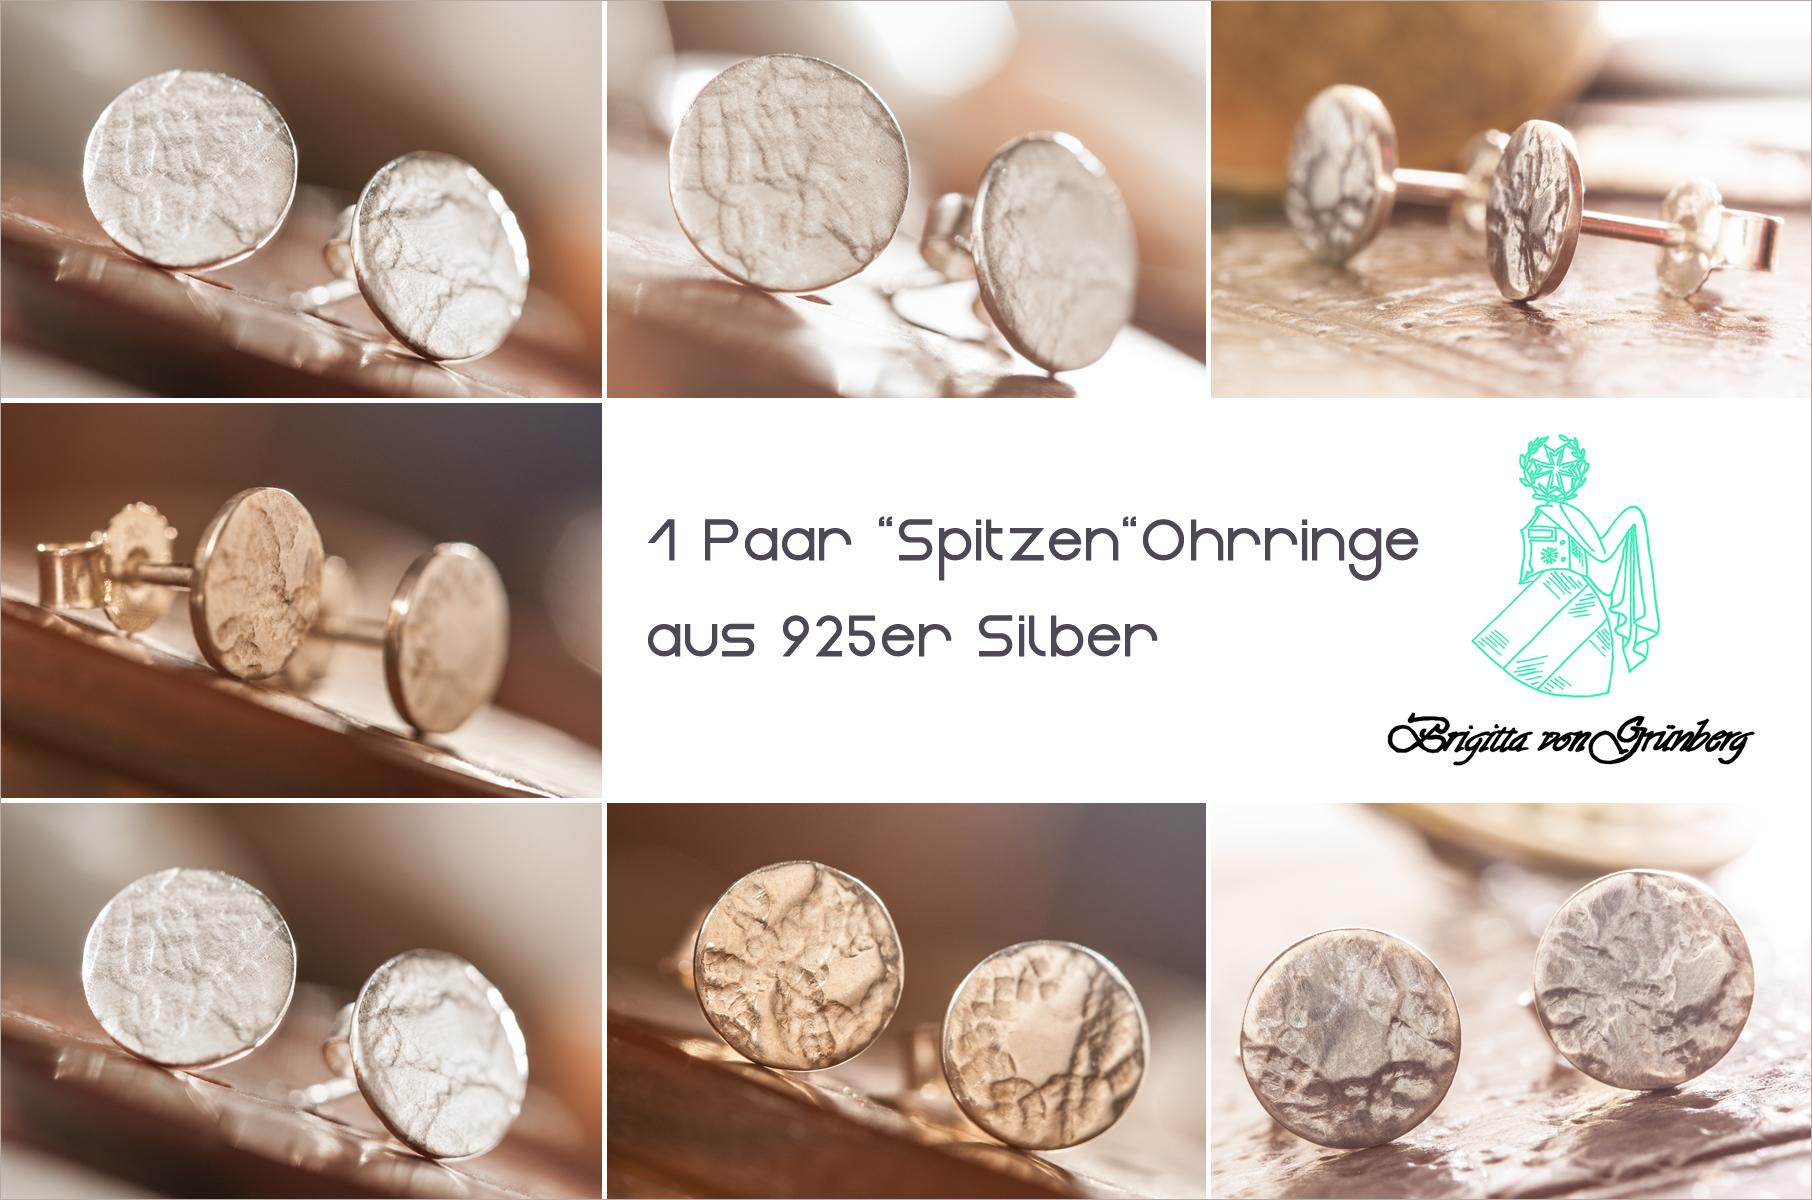 Gewinne 1 Paar Silber-Ohrringe von Brigitta von Grünberg | A Little Fashion | https://www.filizity.com/fashion/alittlefashion-geburtstagssause-giveaway-3